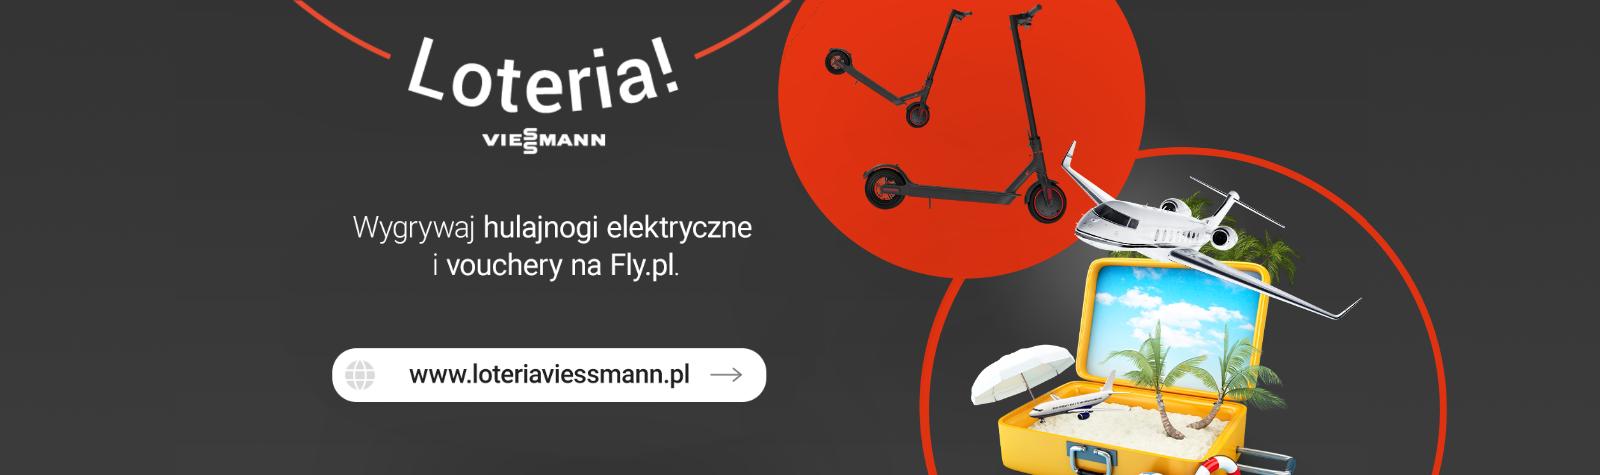 Loteria Viessmann!